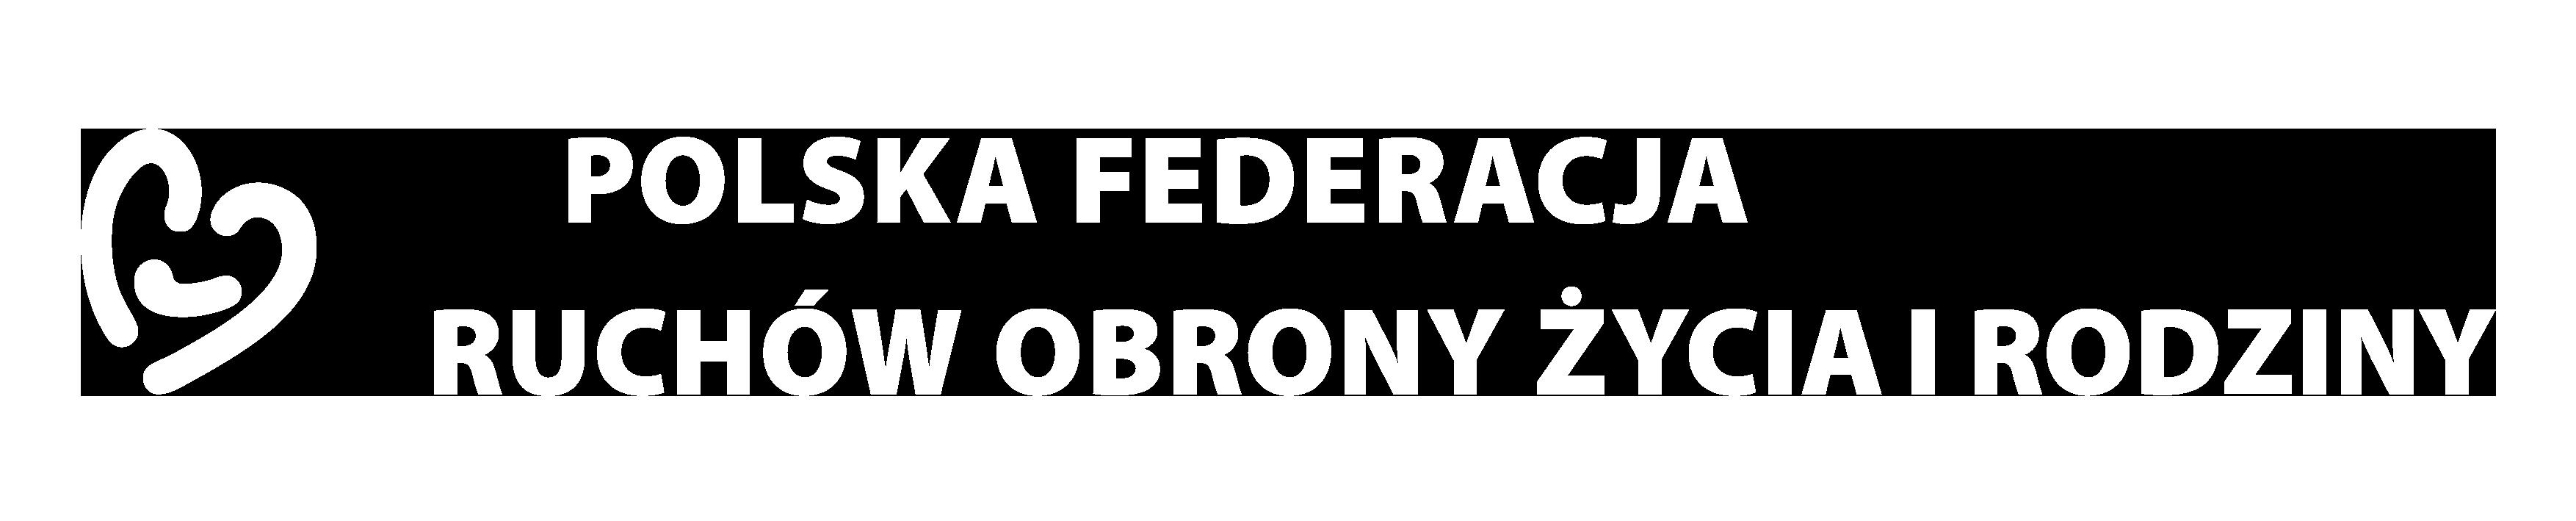 Federacja Obrońców Życia w Polsce